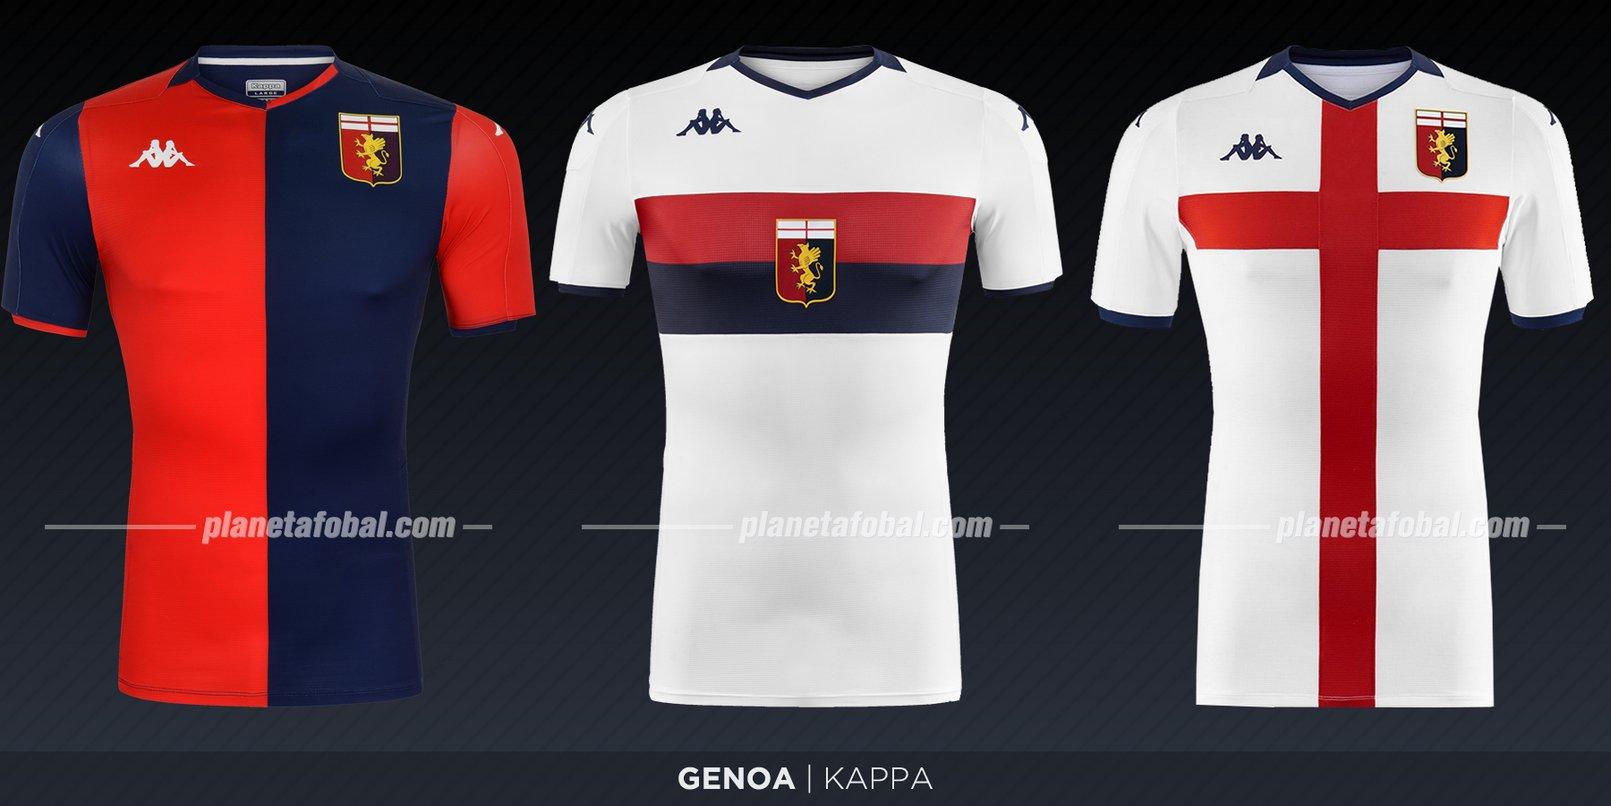 Genoa (Kappa) | Camisetas de la Serie A 2019-2020